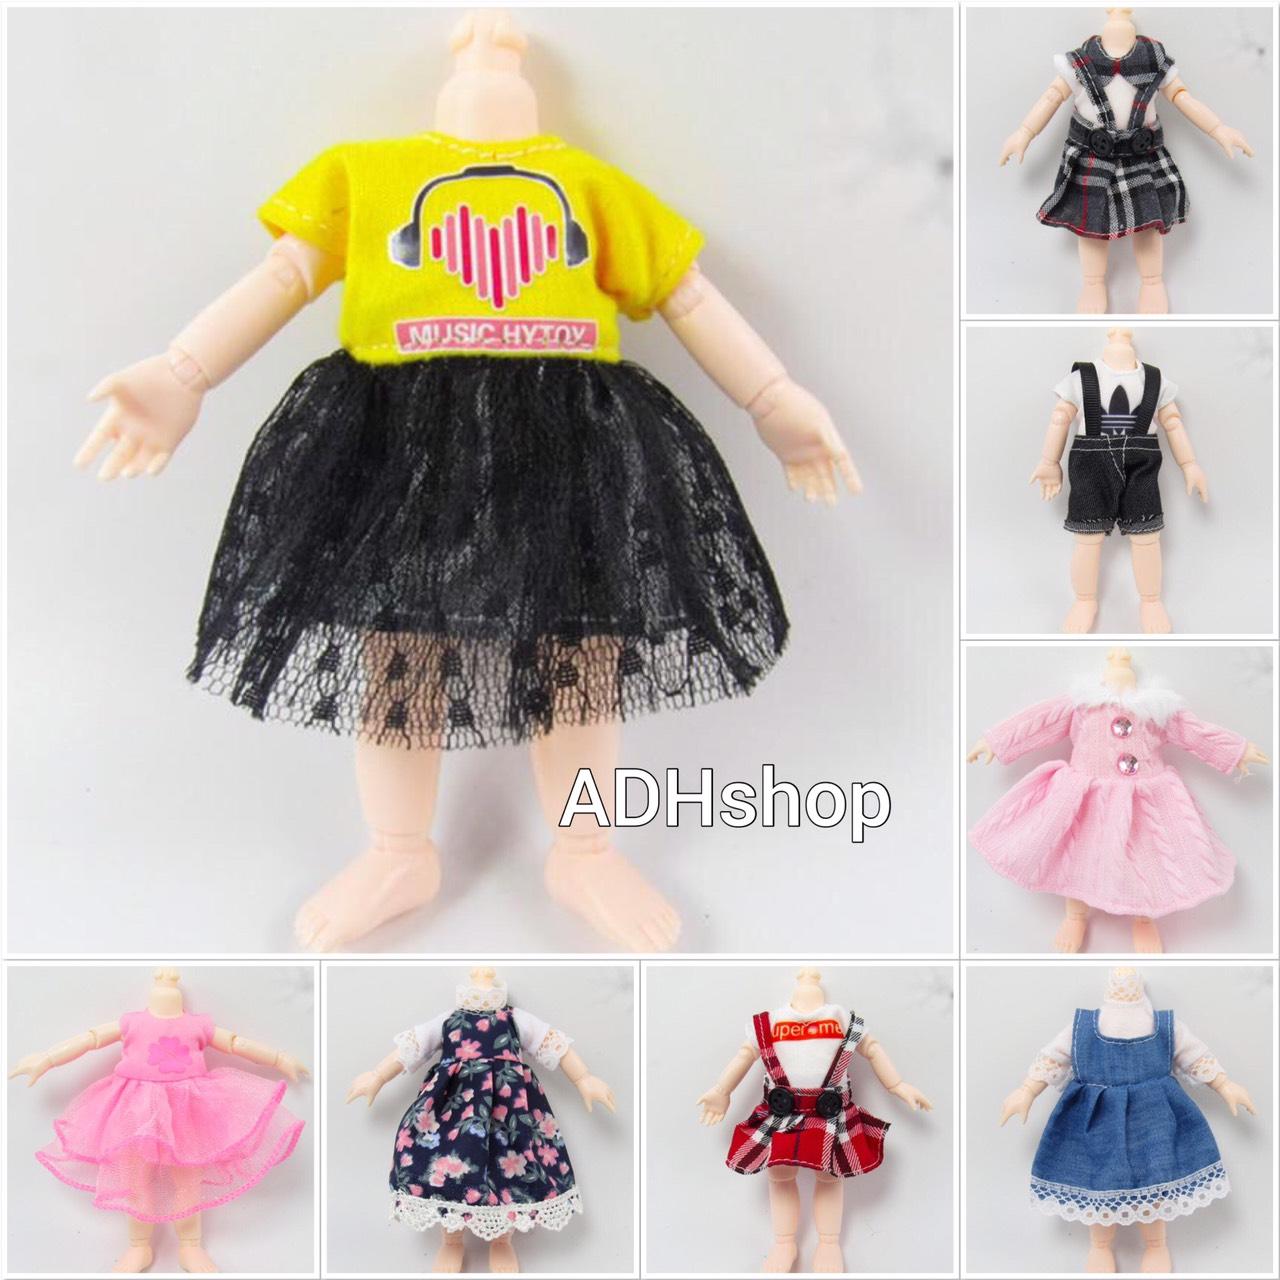 Mẫu Váy đầm Và Quần áo Cho Baboliy 16cm Giá Siêu Rẻ